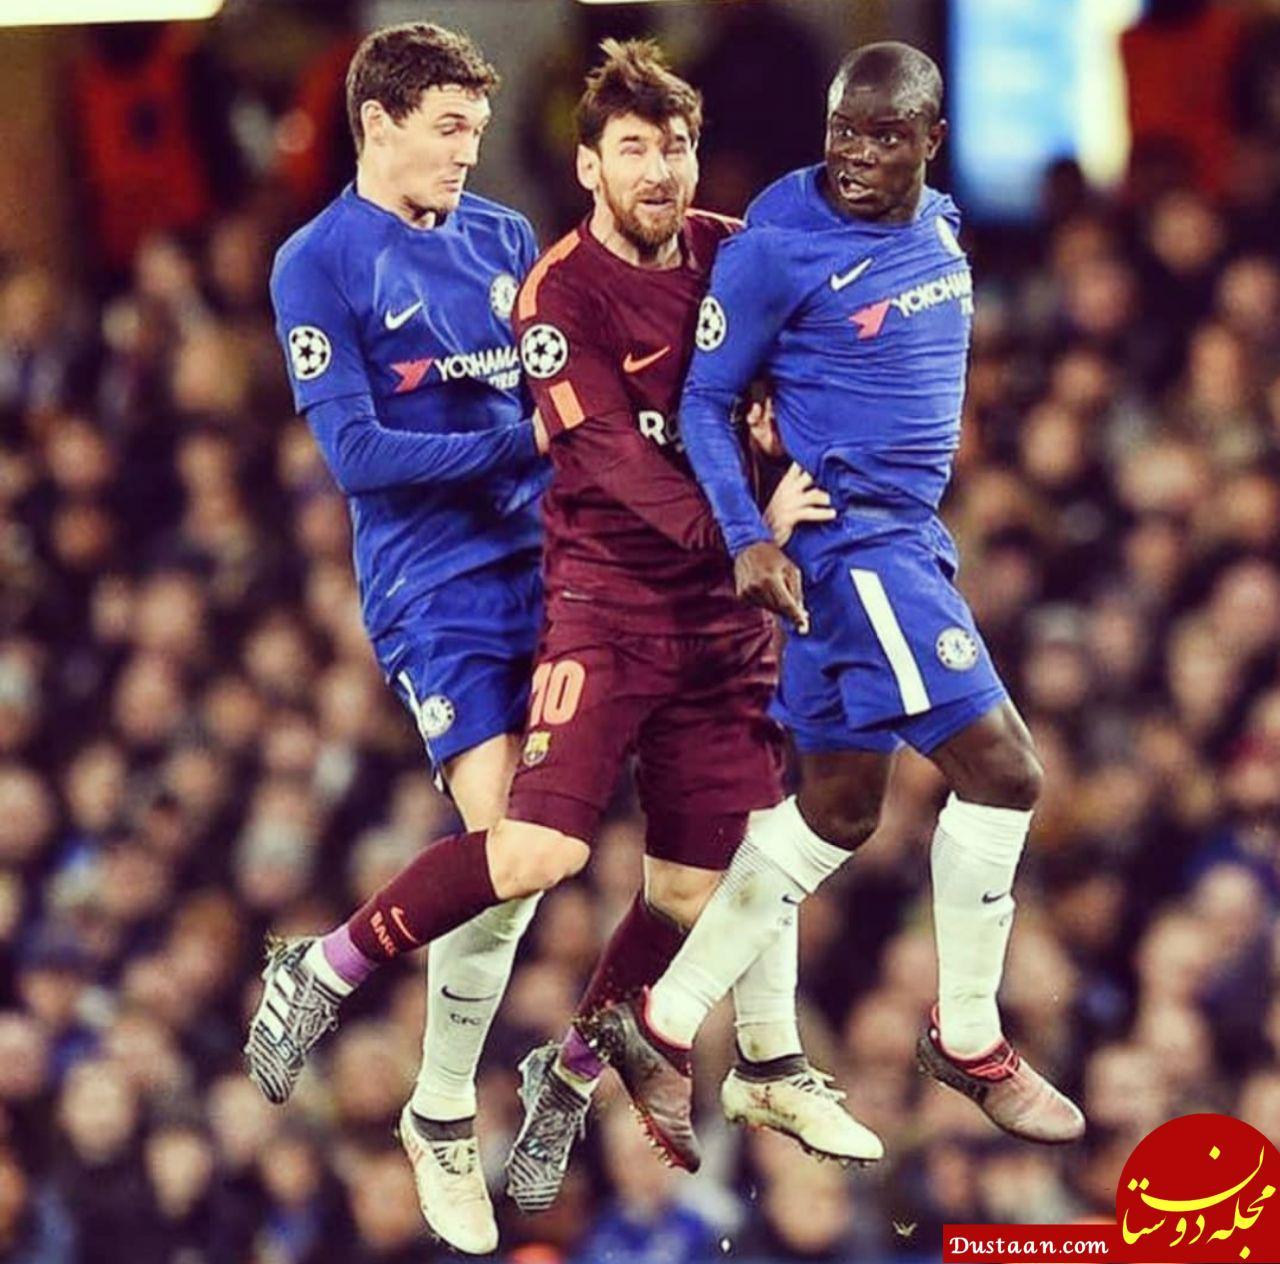 www.dustaan.com تصویری دیدنی از حاشیه بازی بارسلونا با چلسی